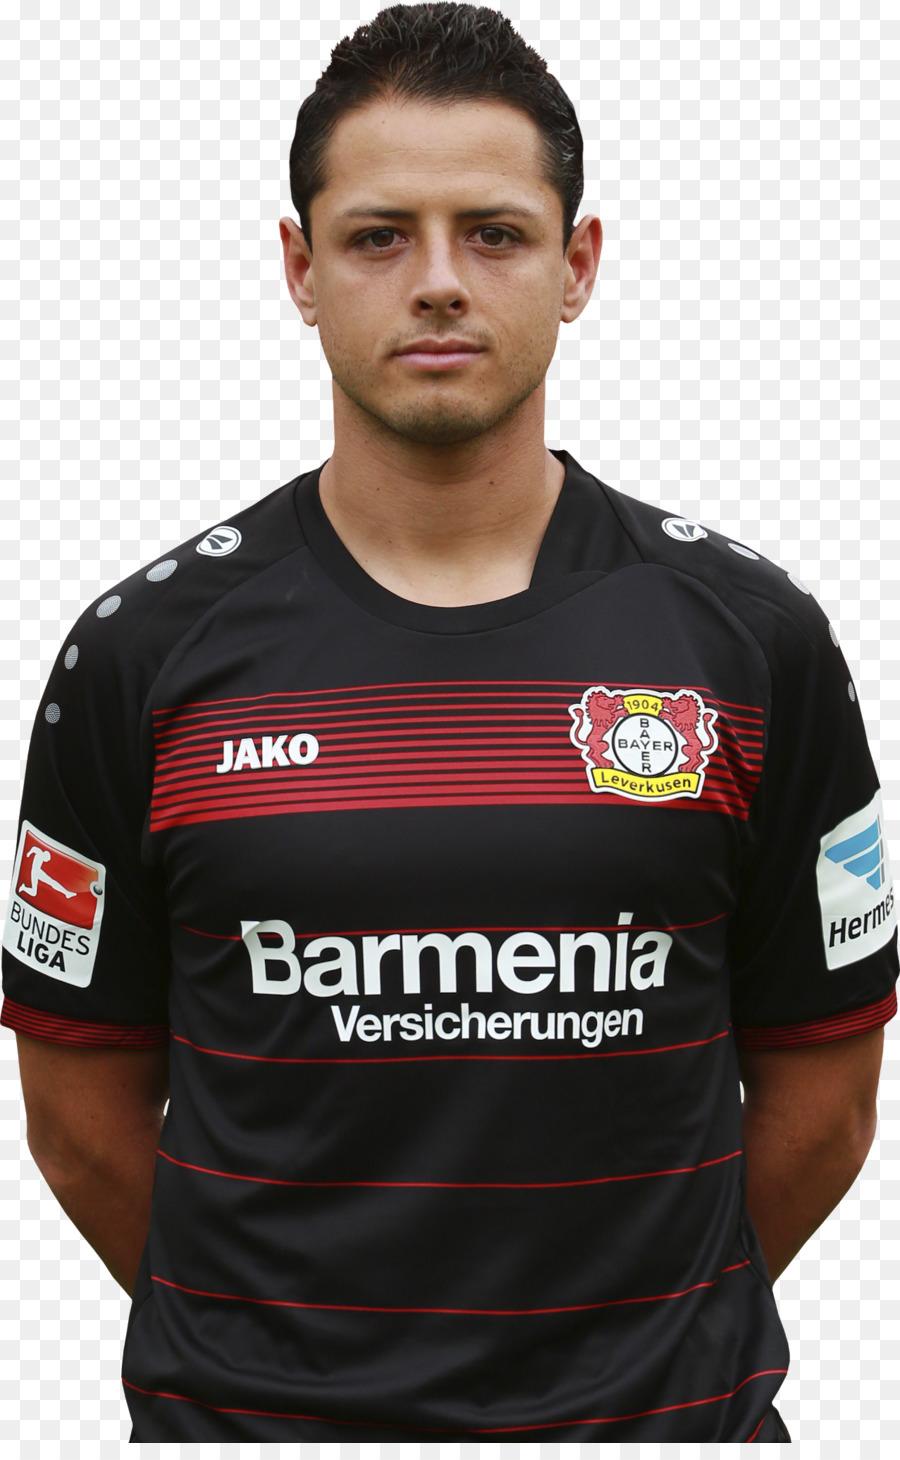 Javier Hernández Bayer 04 Leverkusen Jersey West Ham United F.C. - Javier  hernandez png download - 1277 2048 - Free Transparent Javier Hernández png  ... 7e2aa0d4f